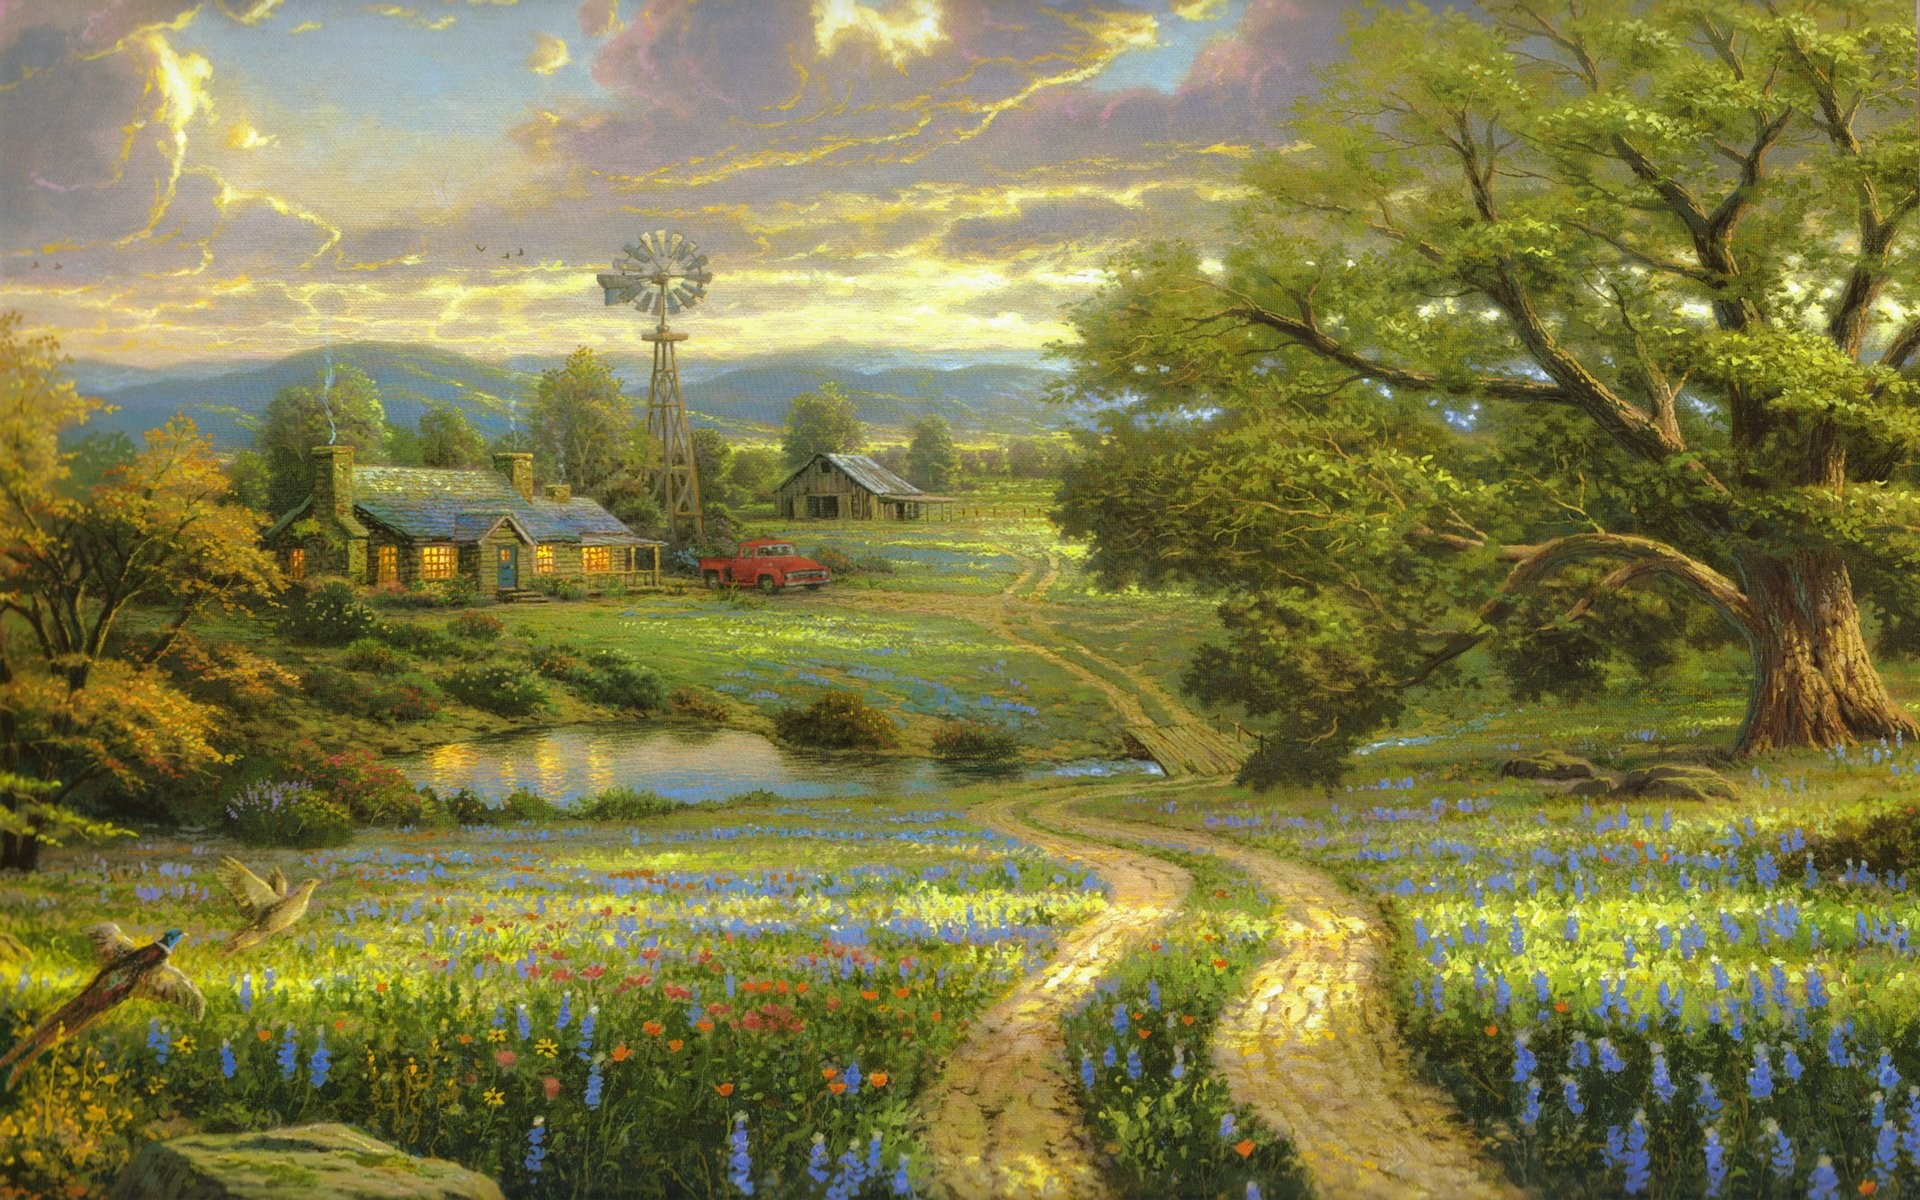 Thomas Kinkade Paintings 752378 …